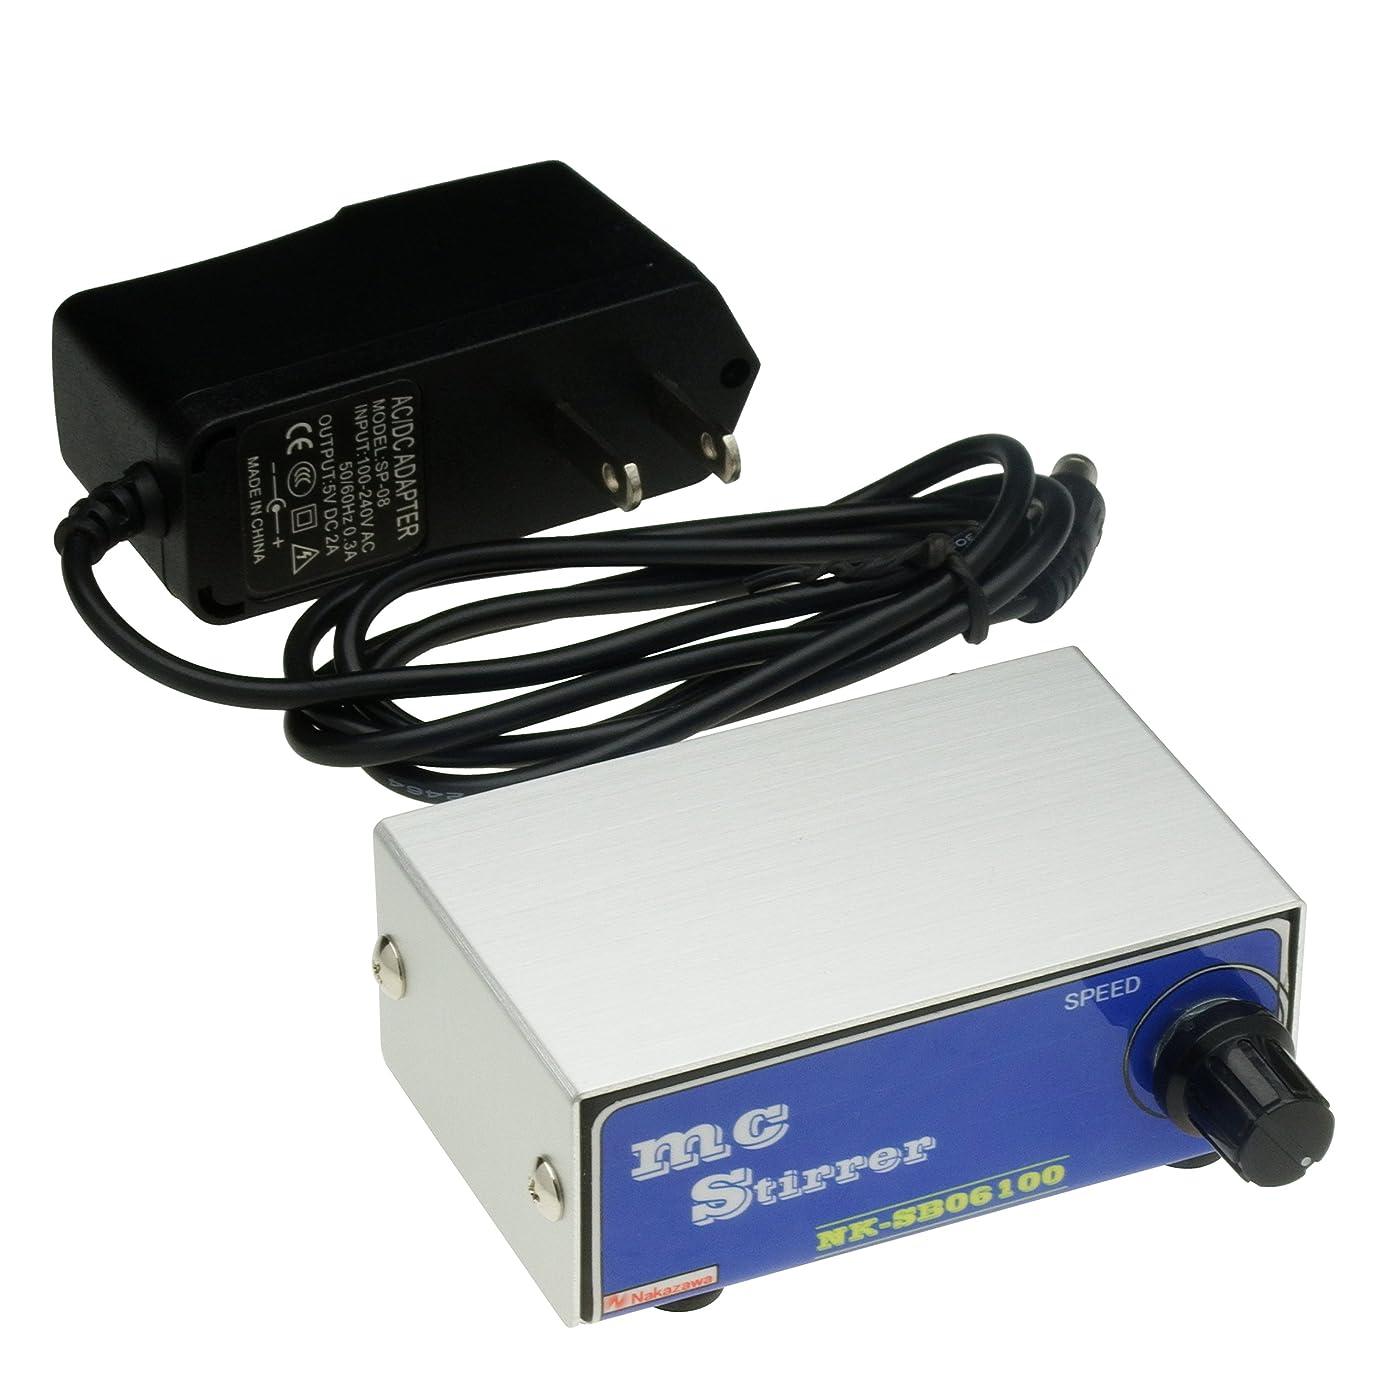 中澤製作所 マルチカラースターラー電源セット NK-SB06100Bl + SB06Ps